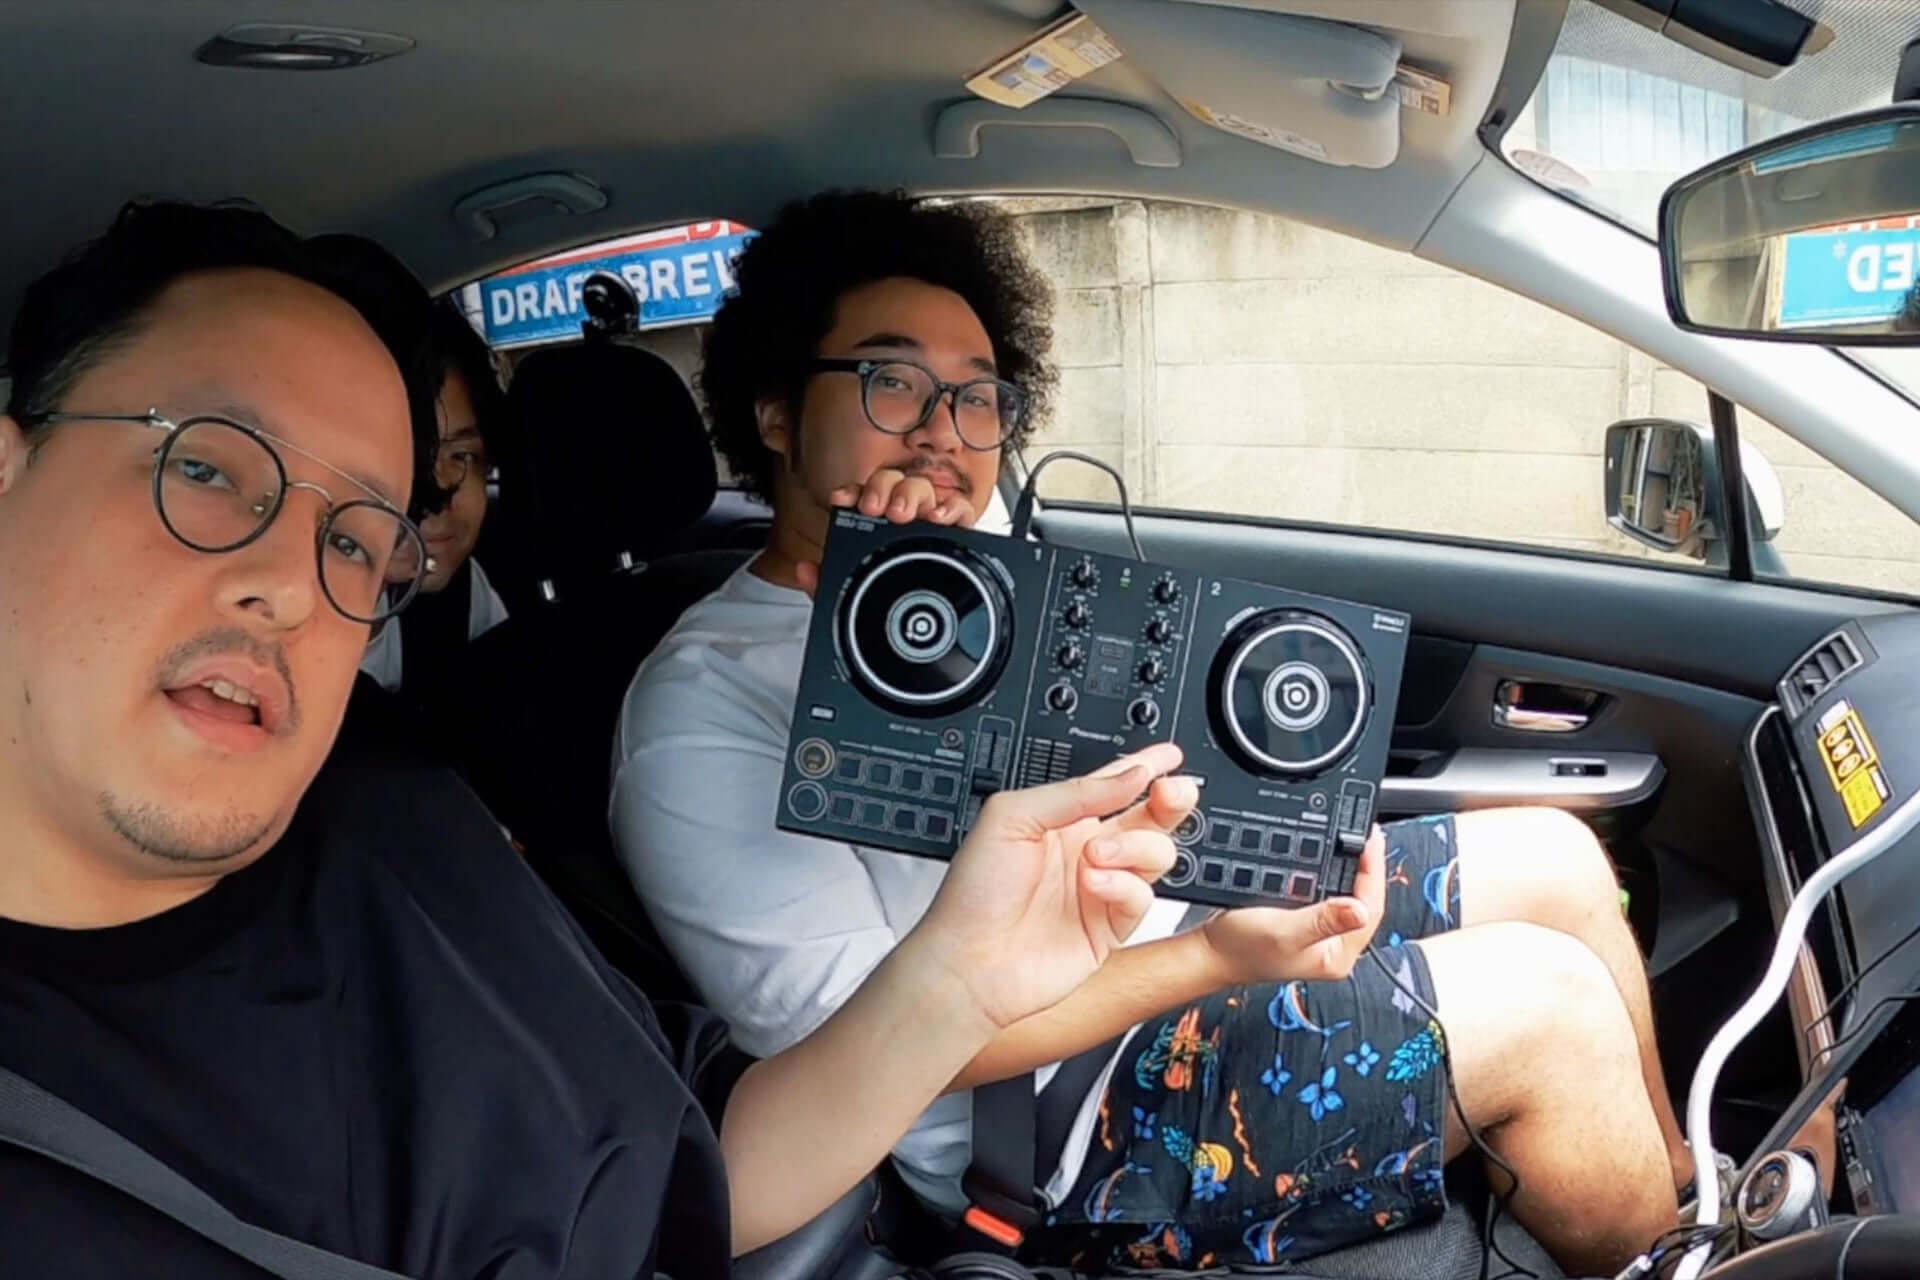 アフロマンス、TJO、DJ KOMORIがPioneer DJ『DDJ-200』と共にドライブ!「DRIVE DJ」を実践した特別映像が公開 music200805_drive-dj_7-1920x1280